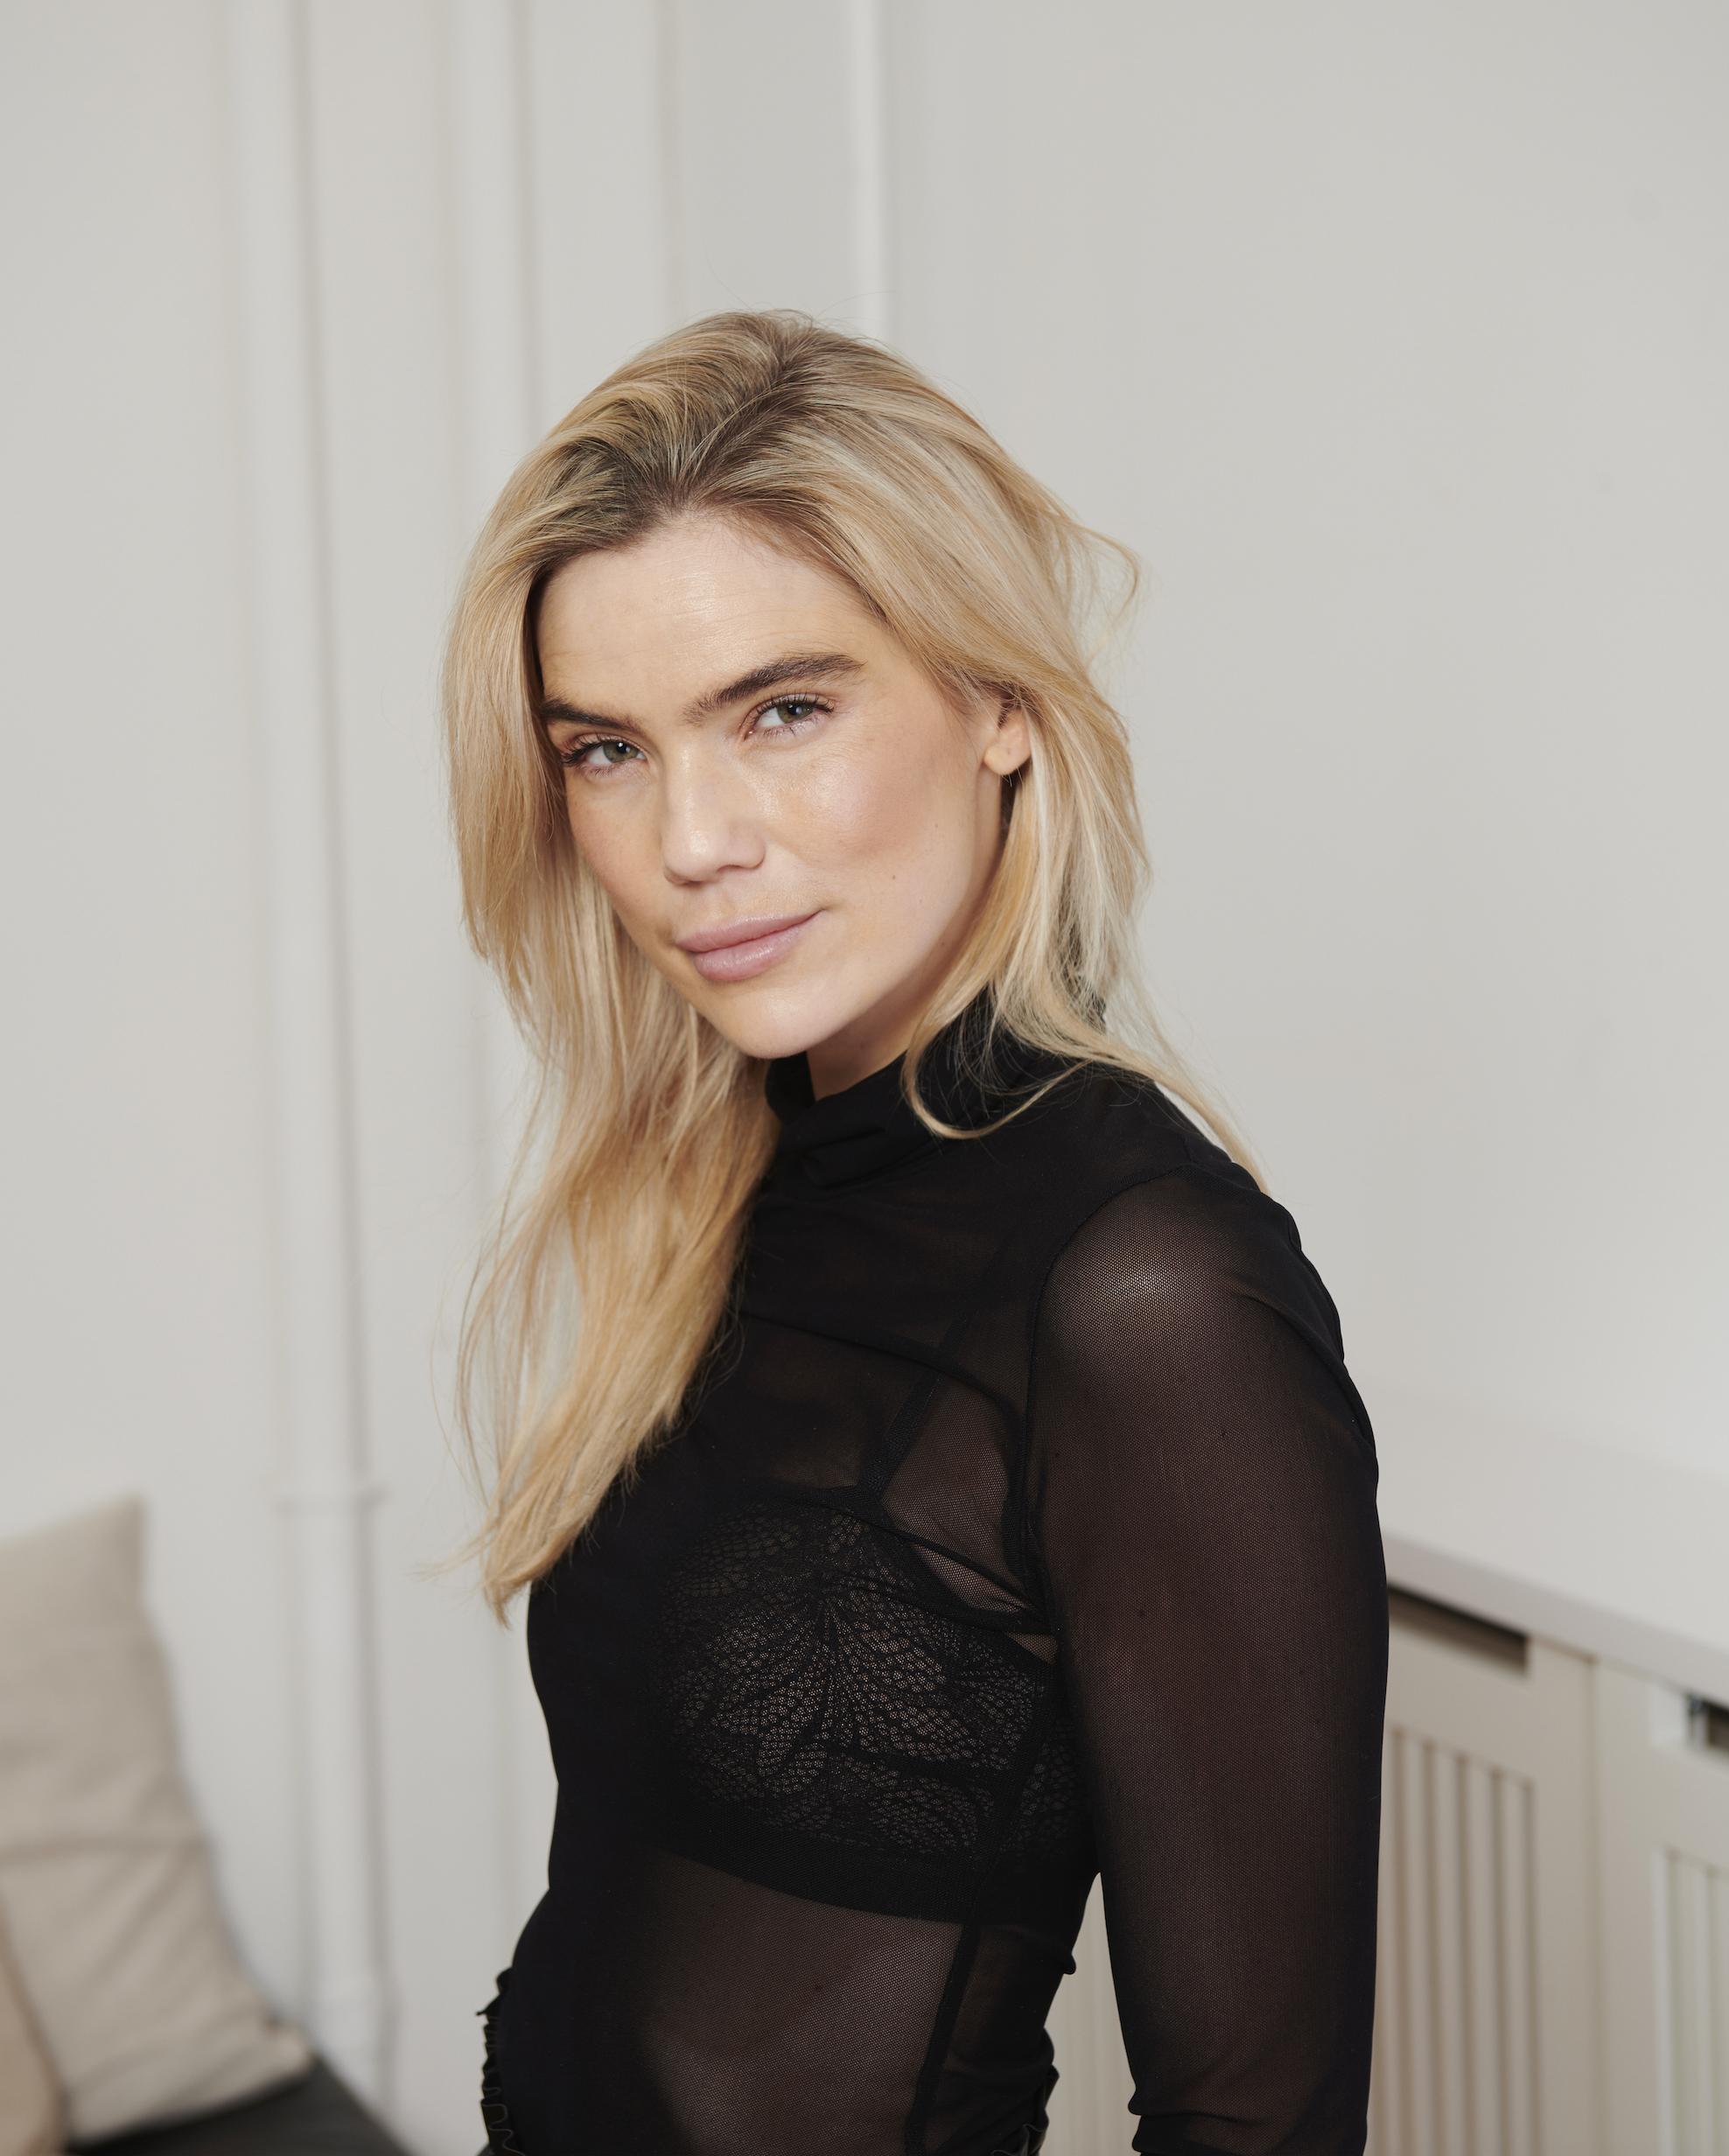 Vanessa Stuhr Ellegaard